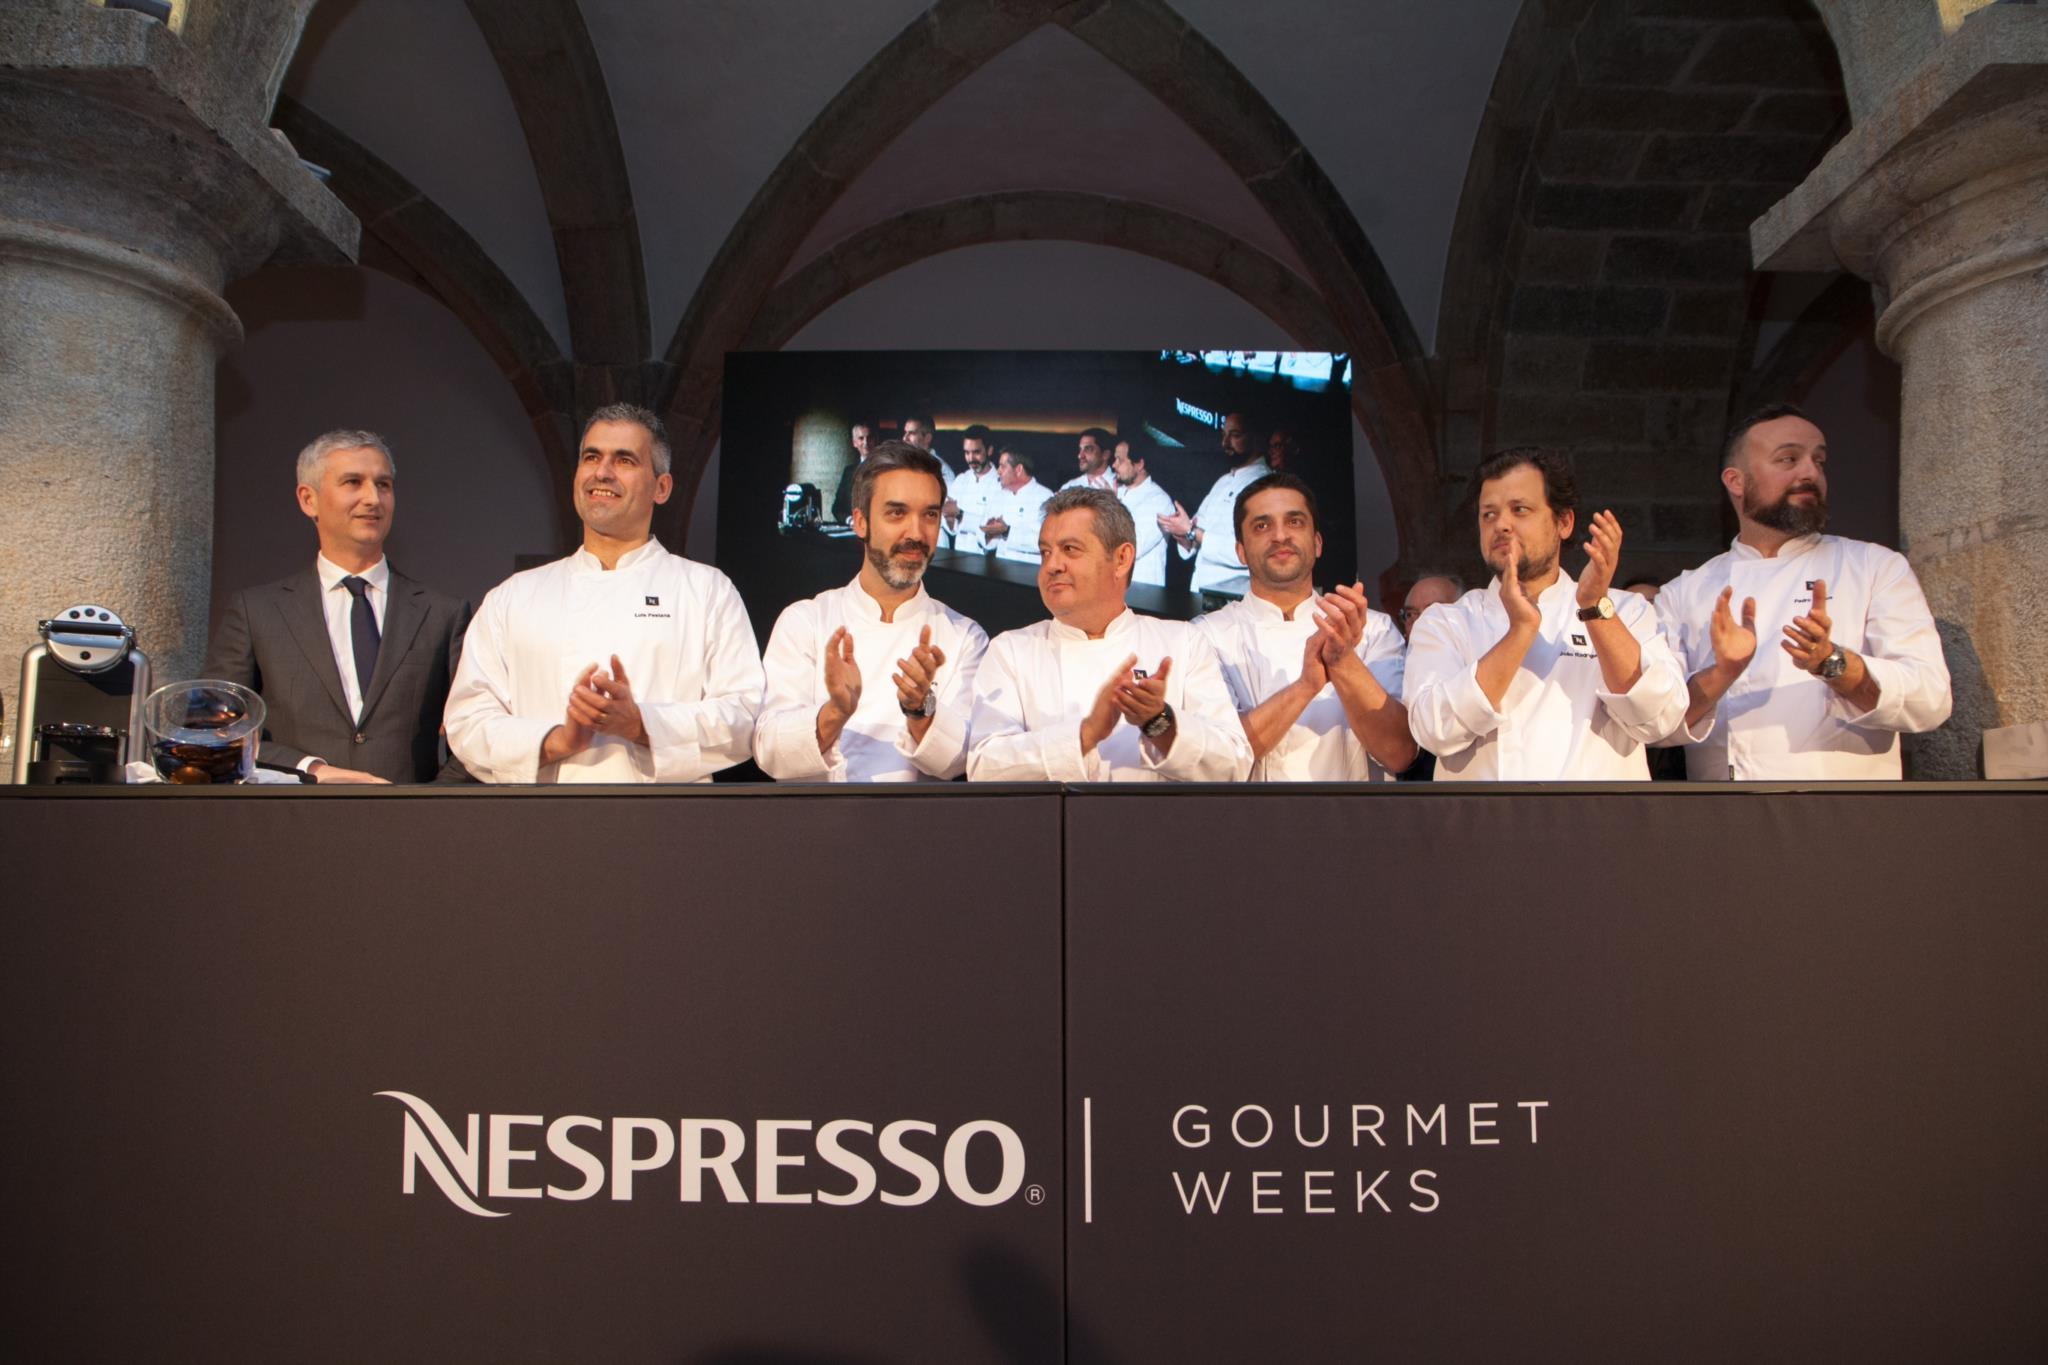 Os chefs convidados no evento de lançamento da Nespresso Gourmet Weeks